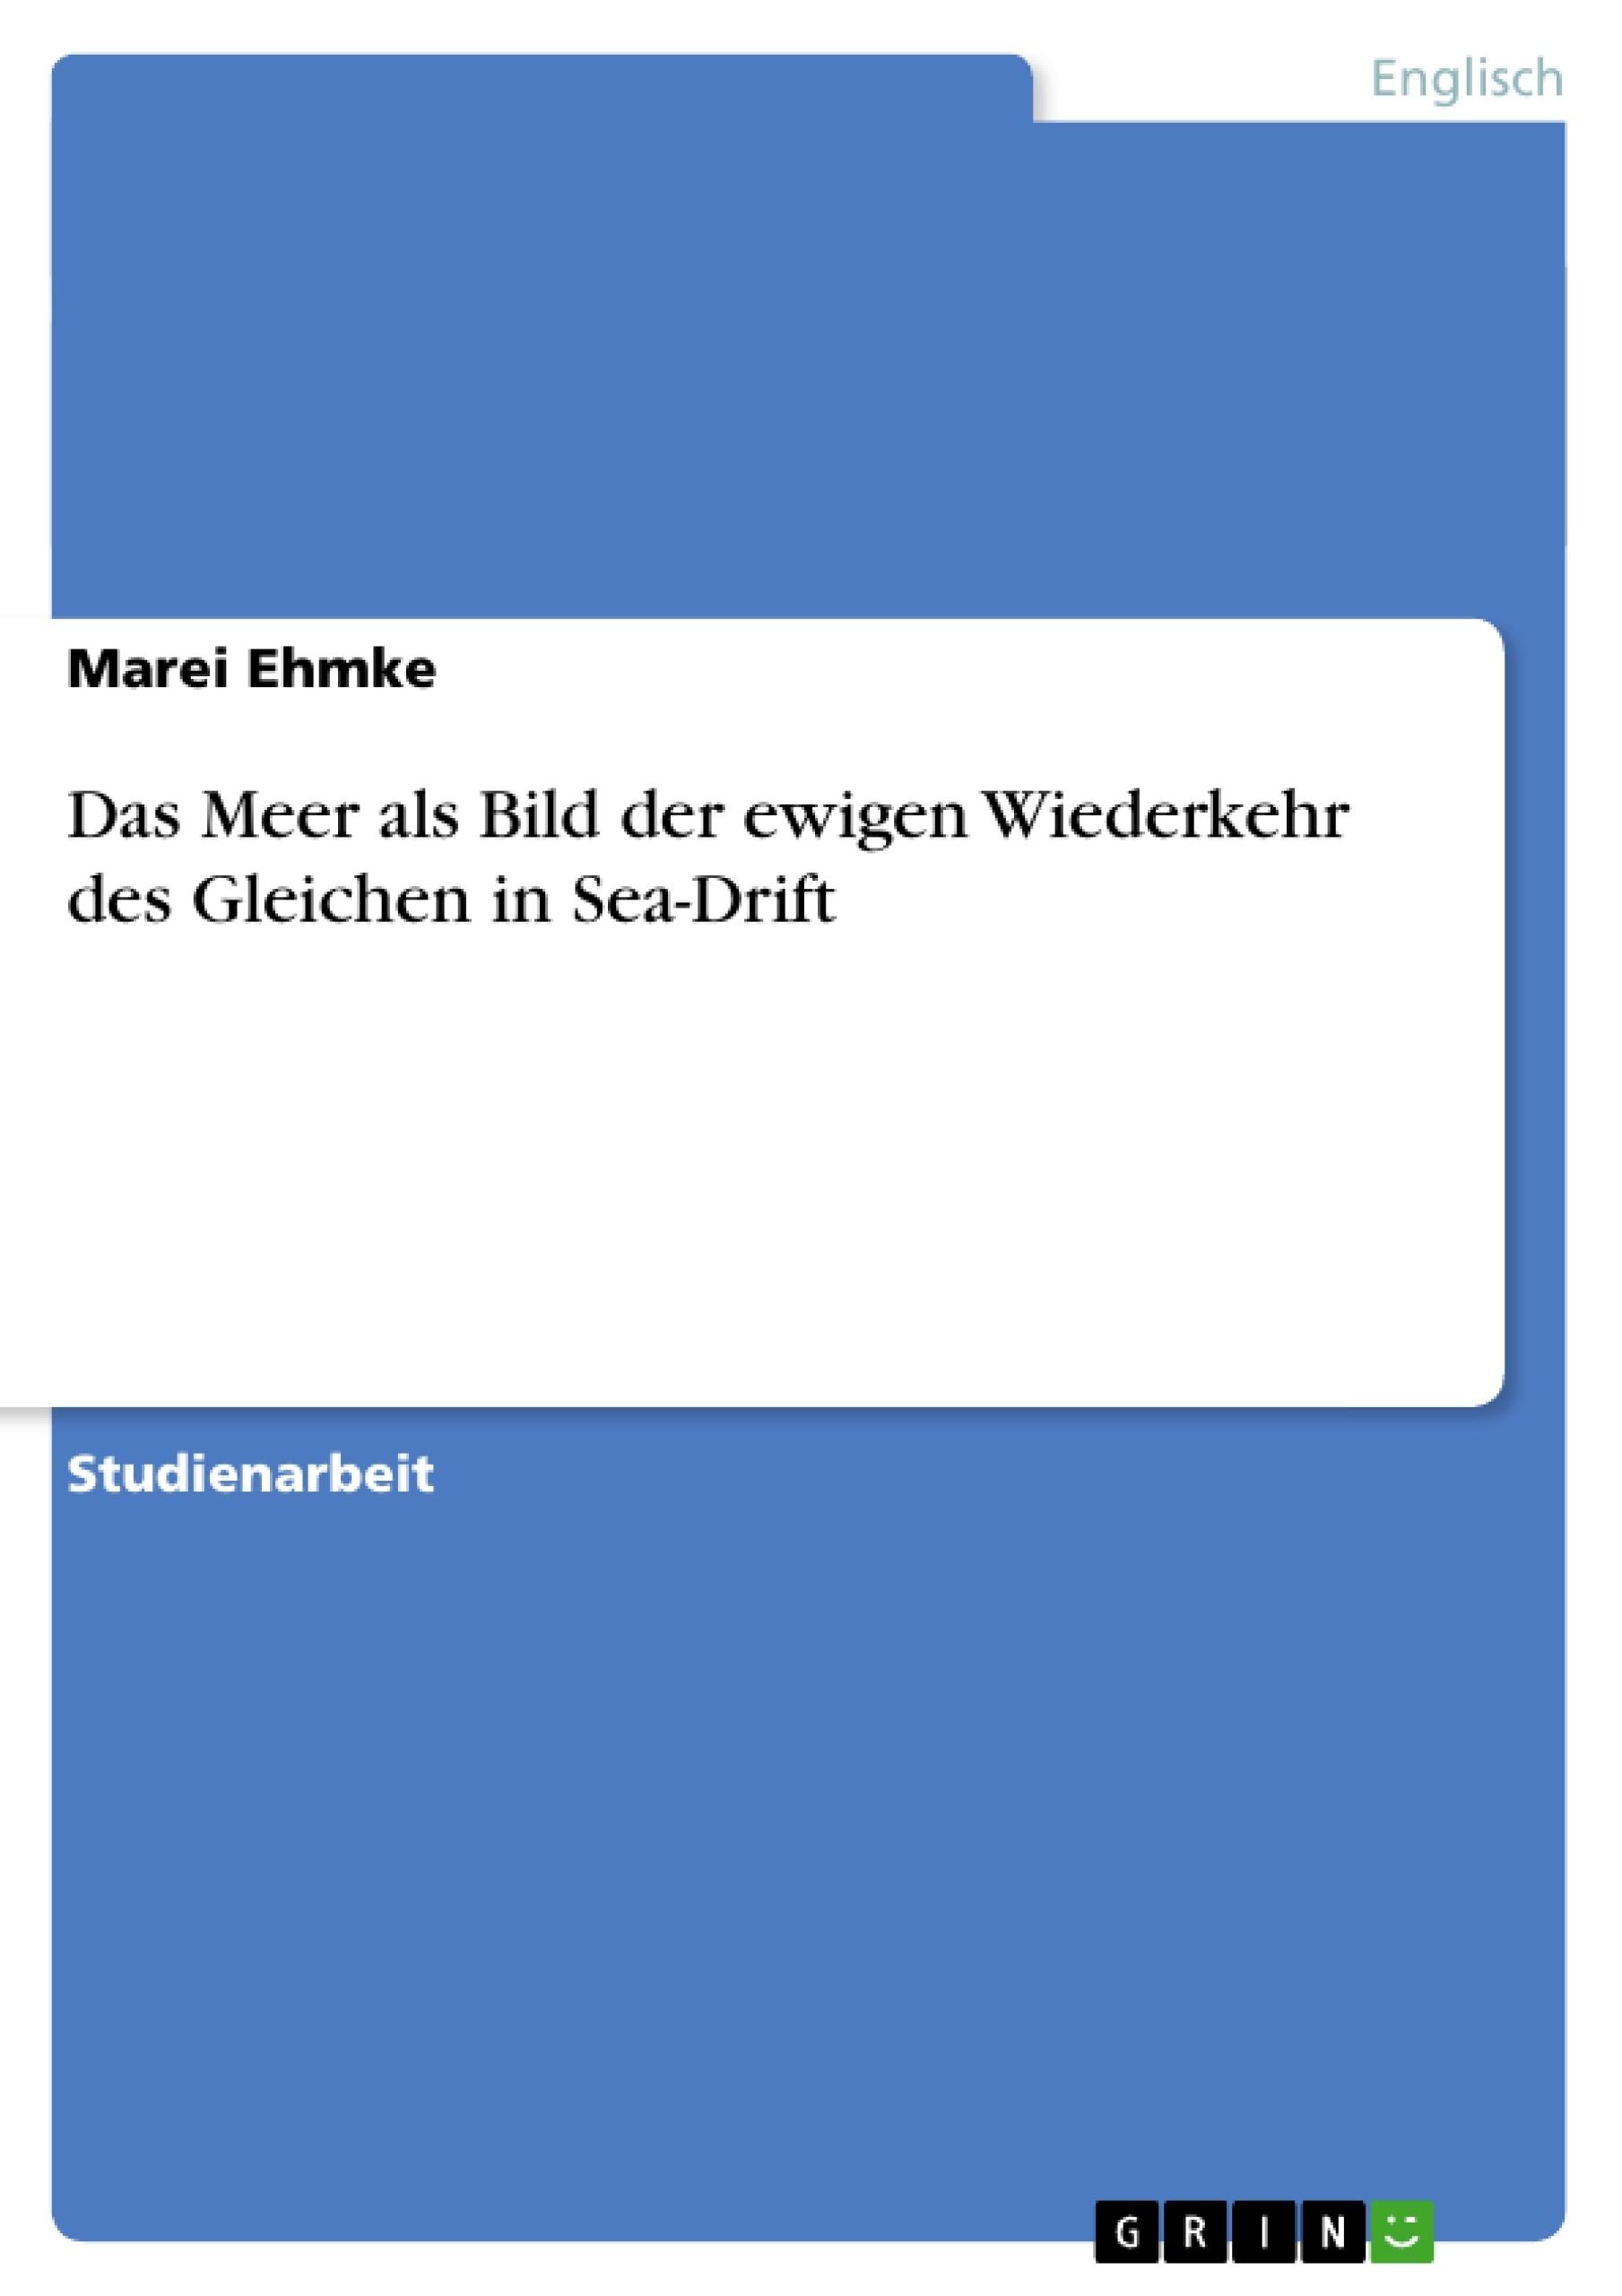 Titel: Das Meer als Bild der ewigen Wiederkehr des Gleichen in Sea-Drift